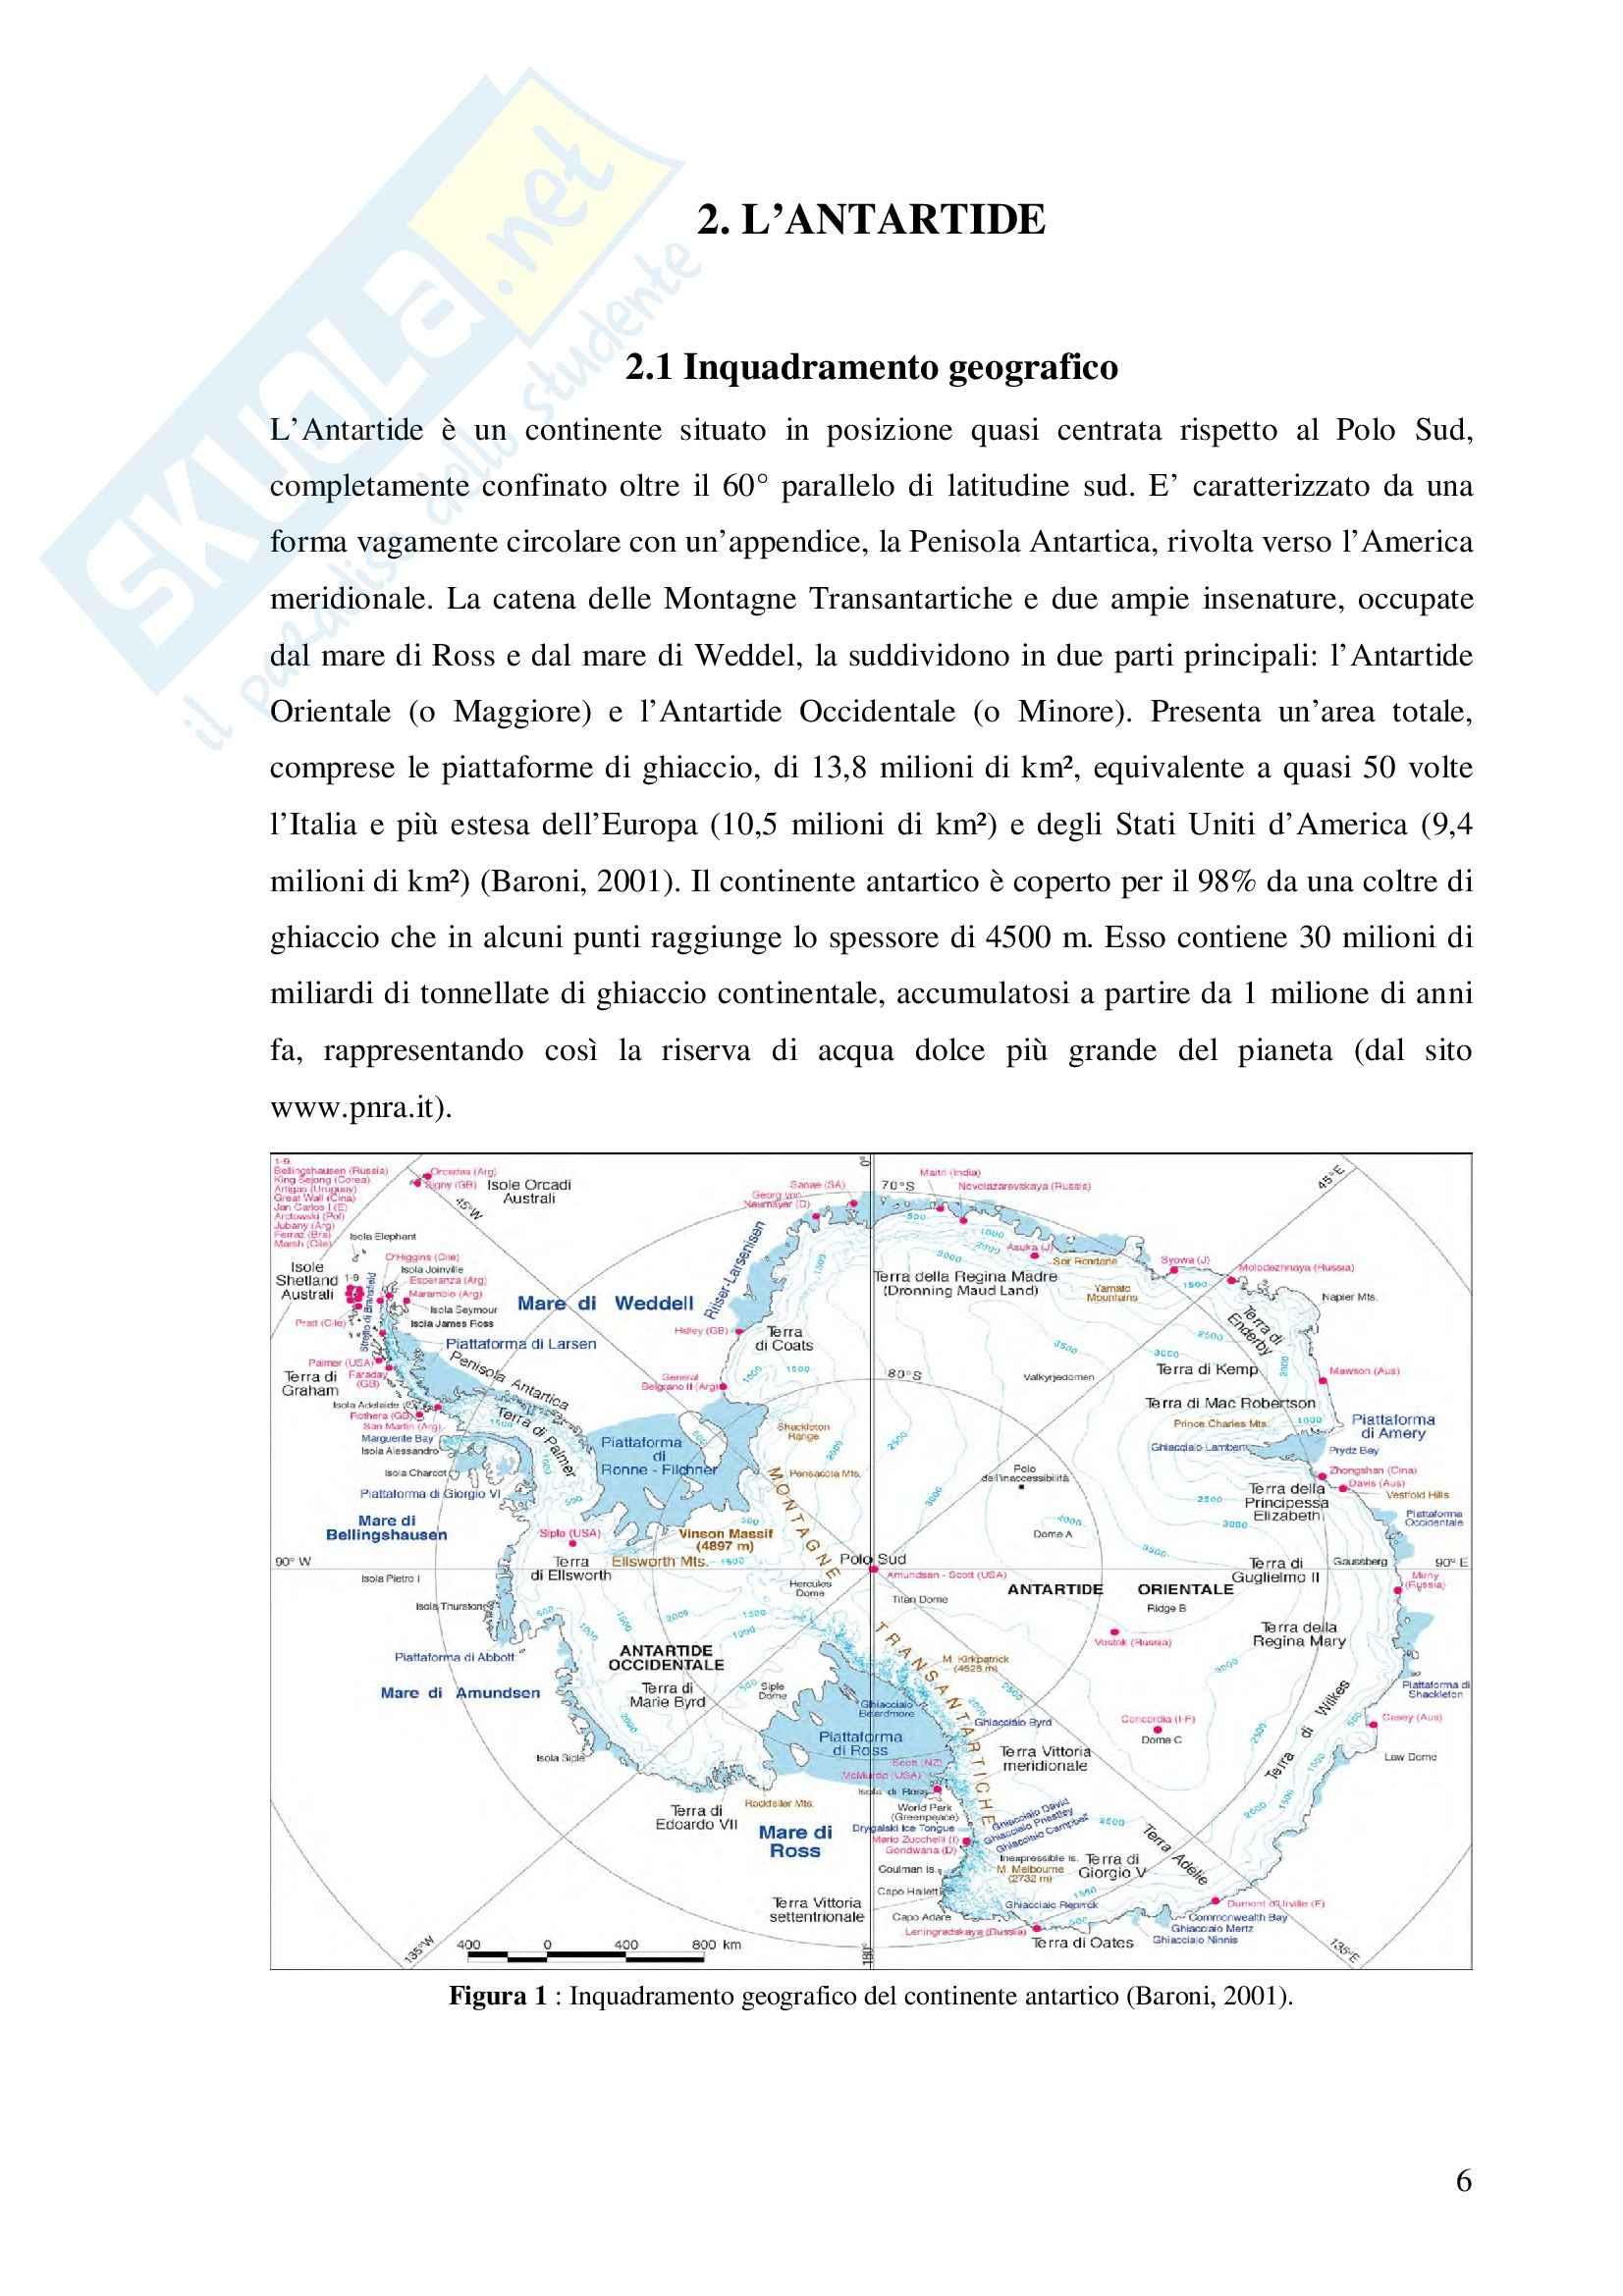 Tesi -  Antartide - Regime termico dei cunei di ghiaccio nella Terra Vittoria Settentrionale Pag. 6